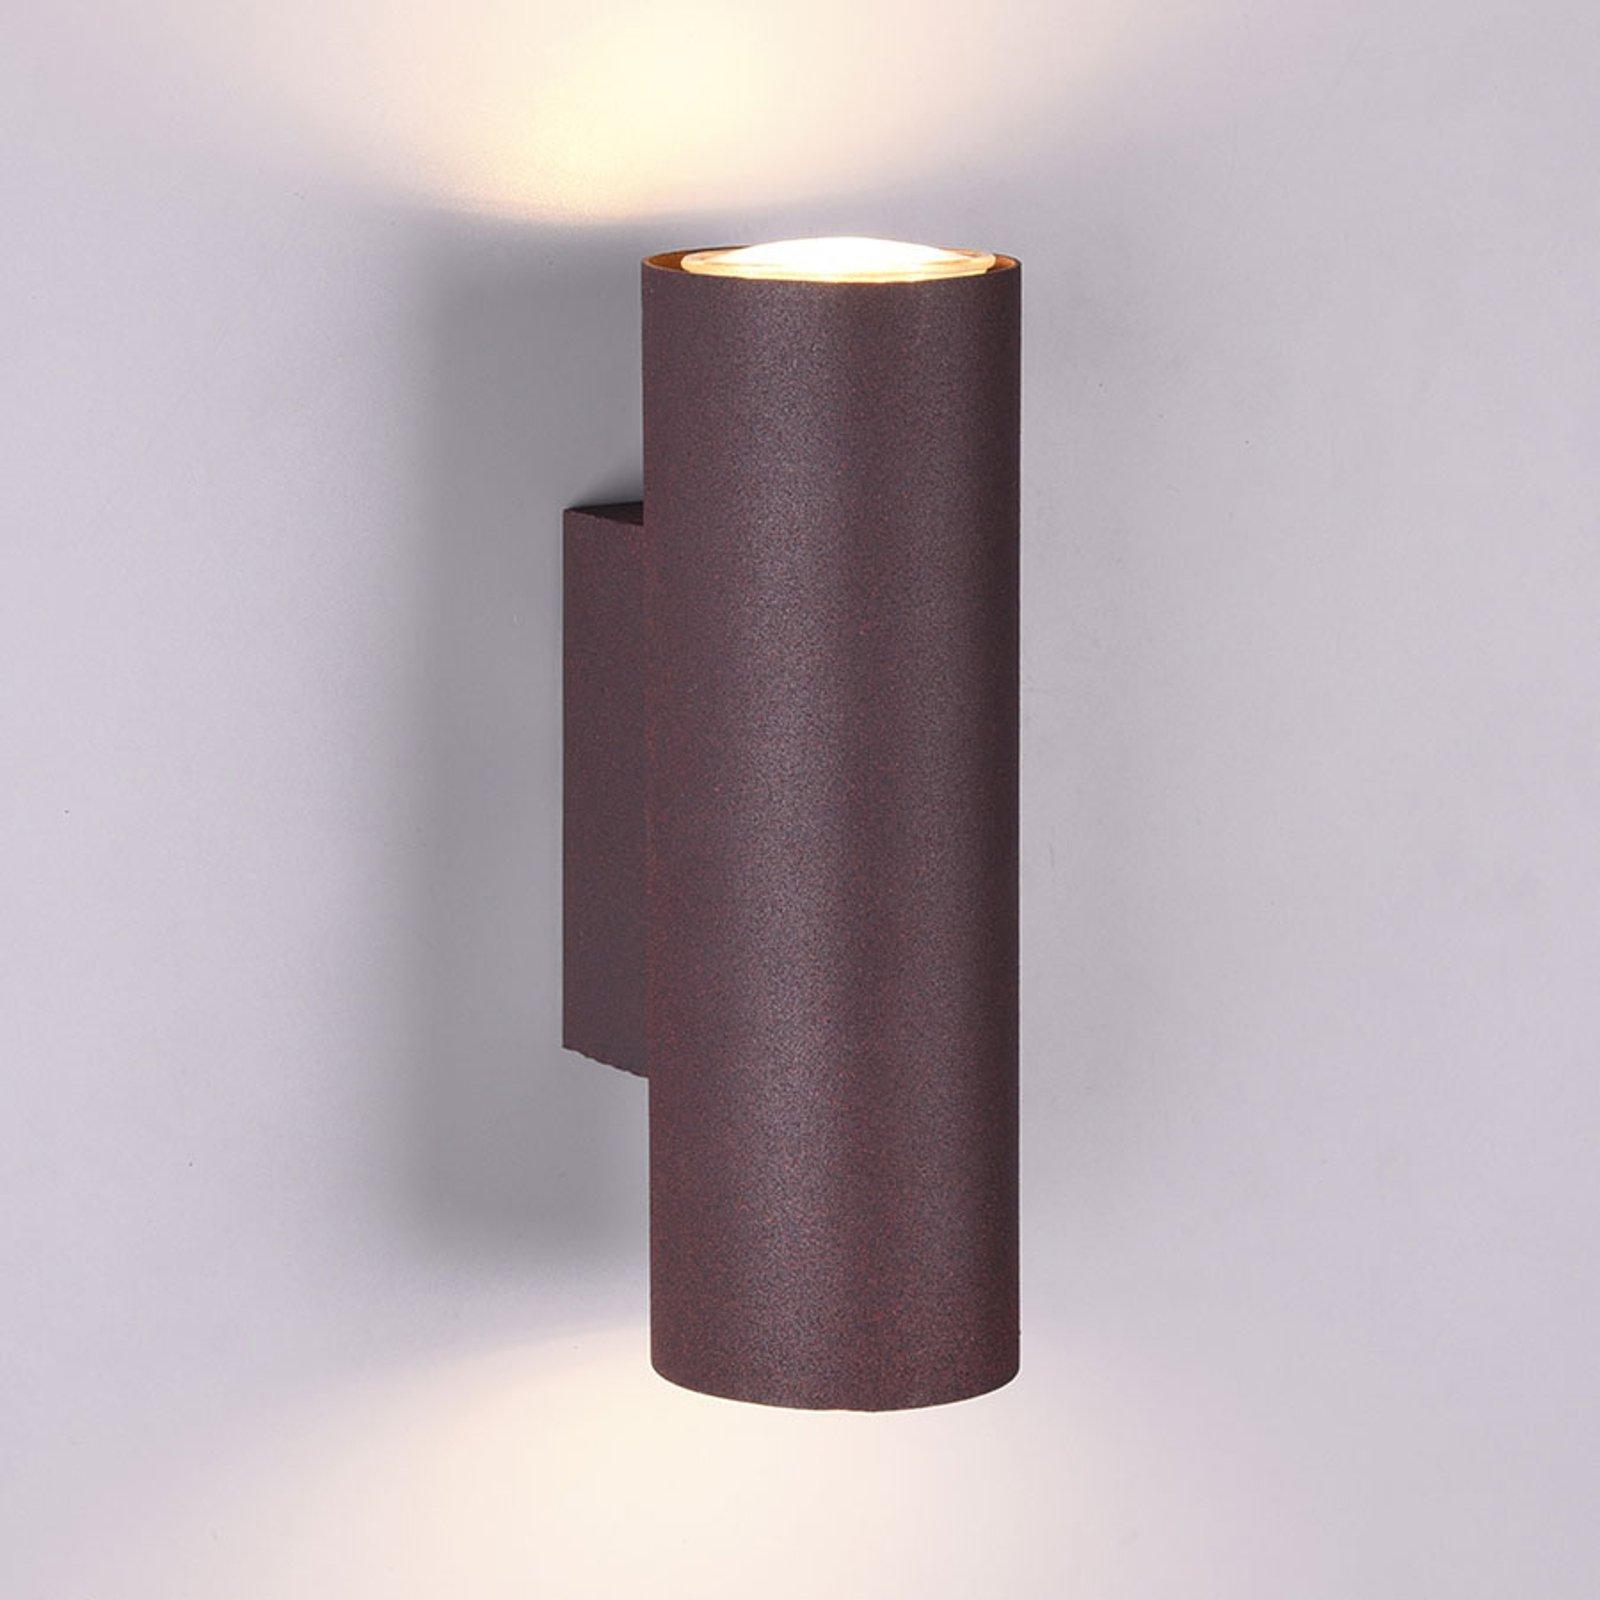 Vegglampe Marley 2 lyskilder rust